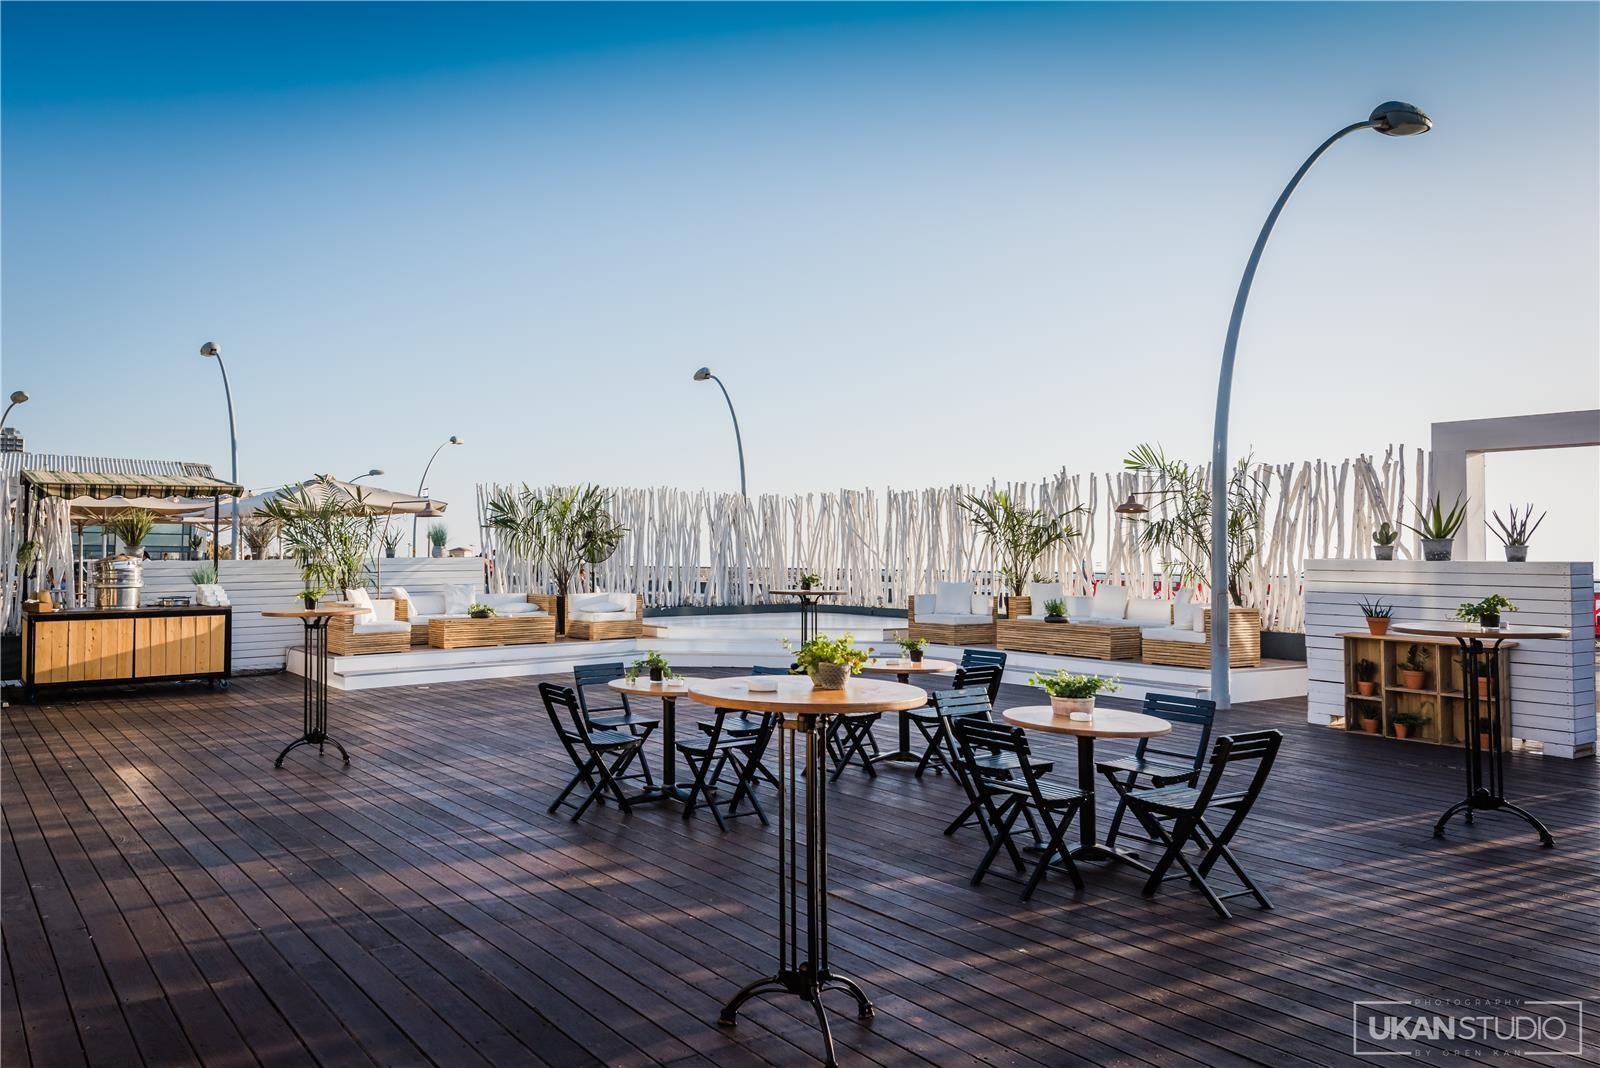 גן אירועים ארקה (צילום: אוקן סטודיו)